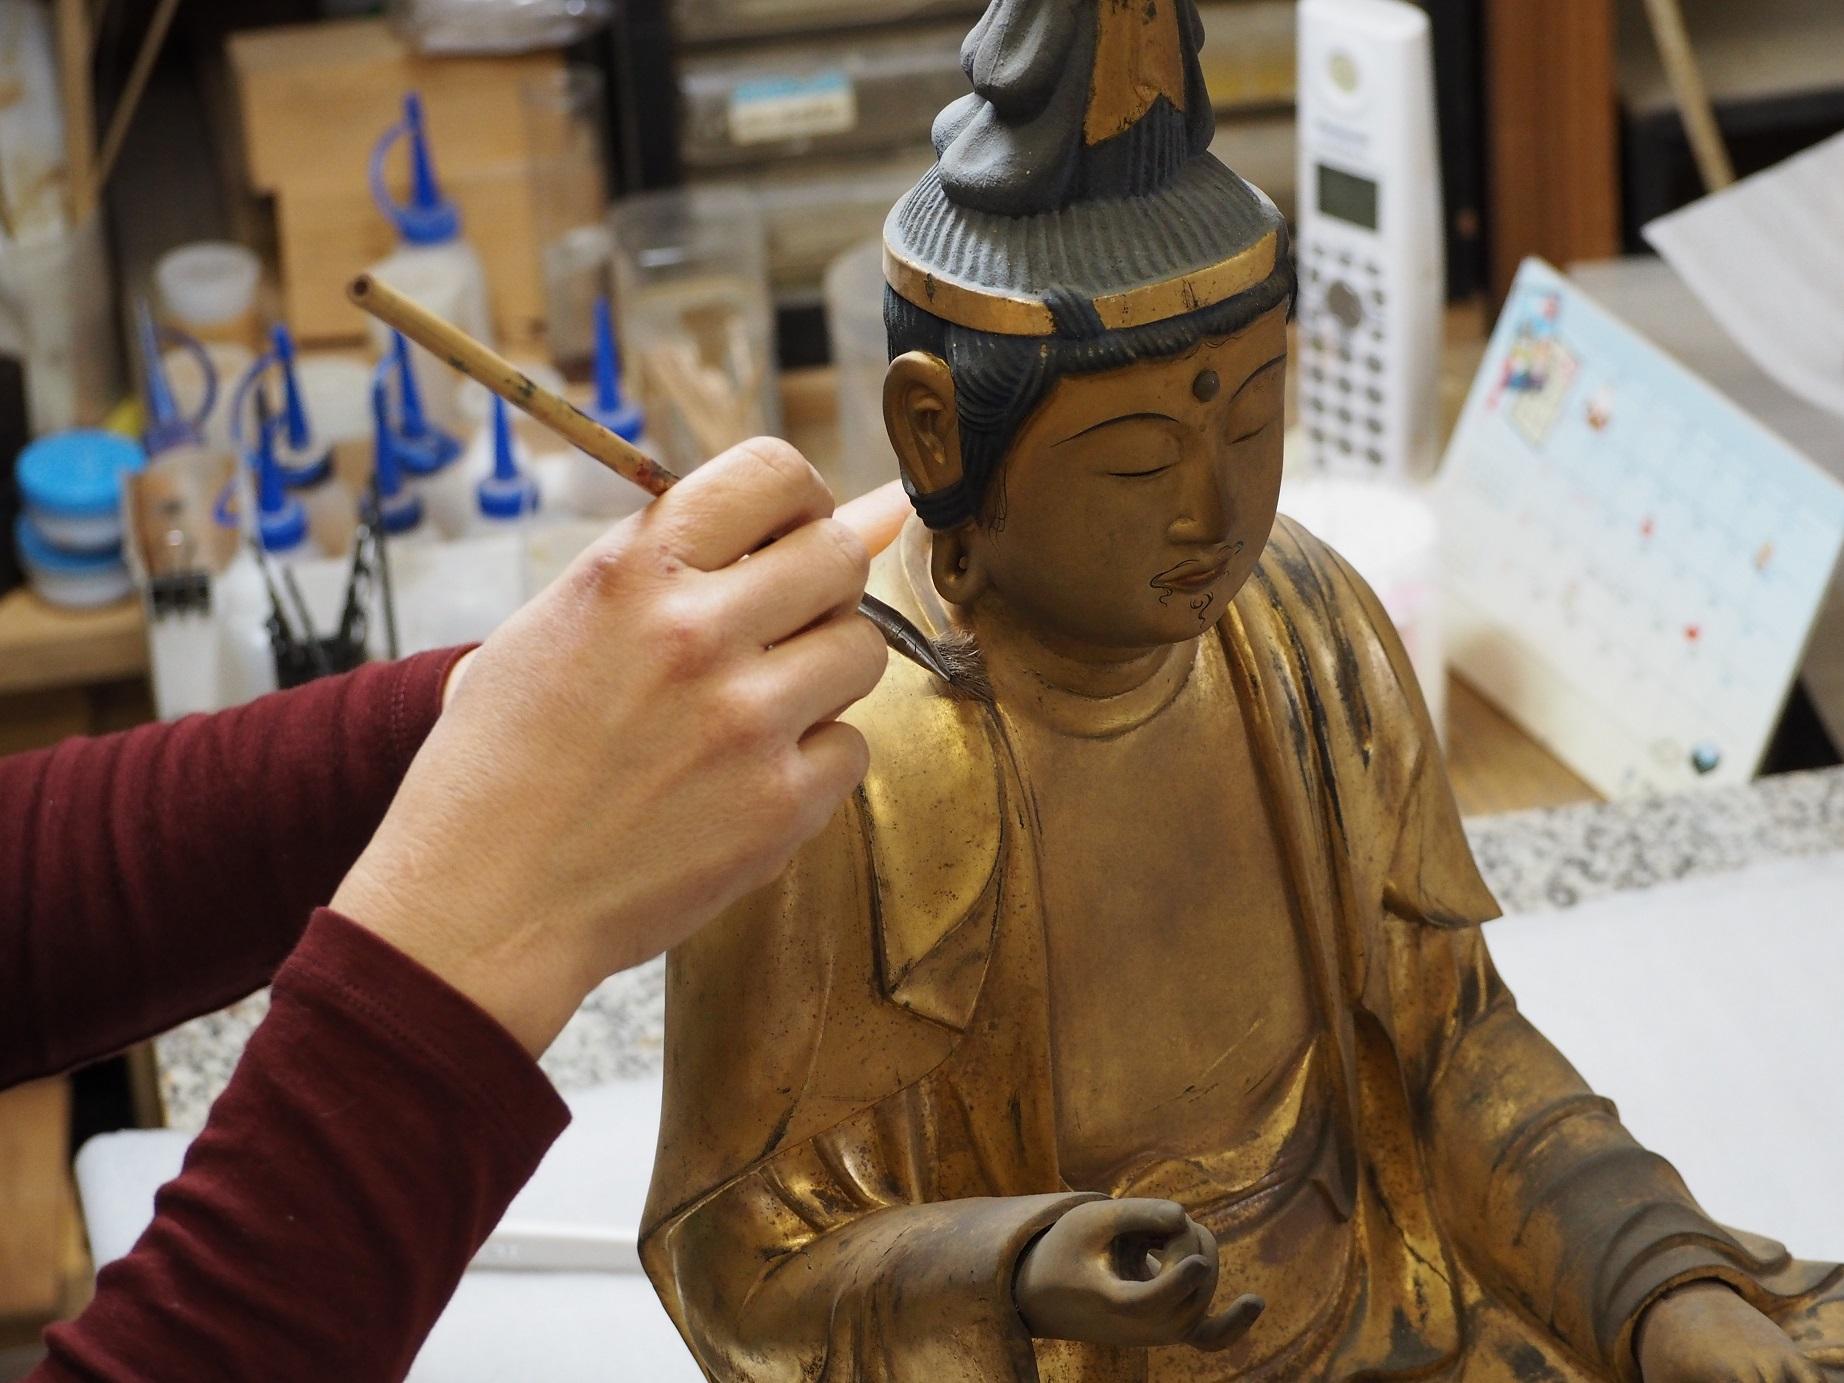 焼き物のまち瀬戸で、宗教美術の魅力に触れる小物入れ作りツアー